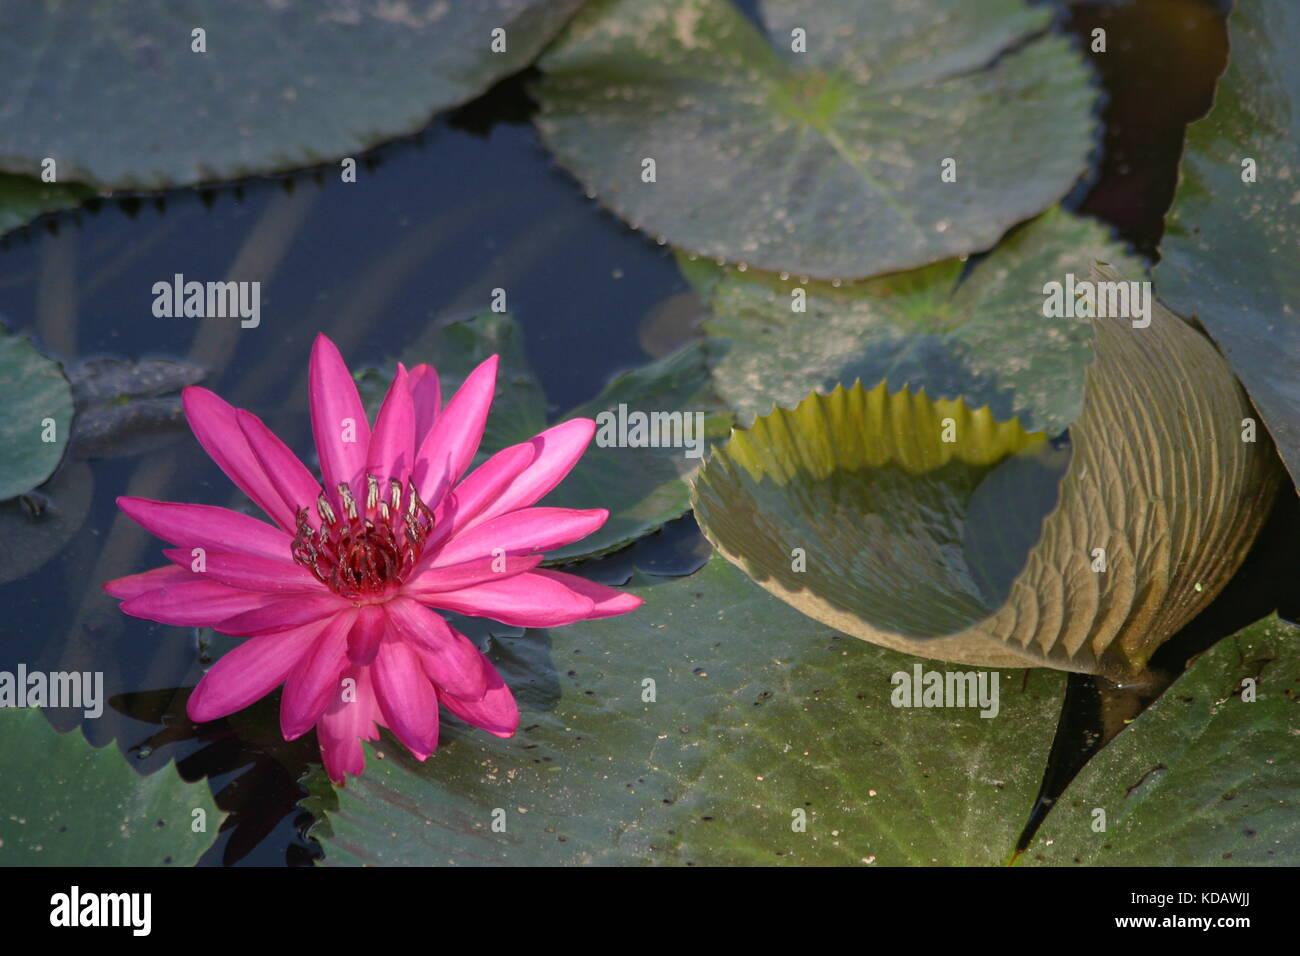 Pink Lotosflower in water with leafs -  Rosa Lotosflower im Wasser mit Blättern - - Stock Image